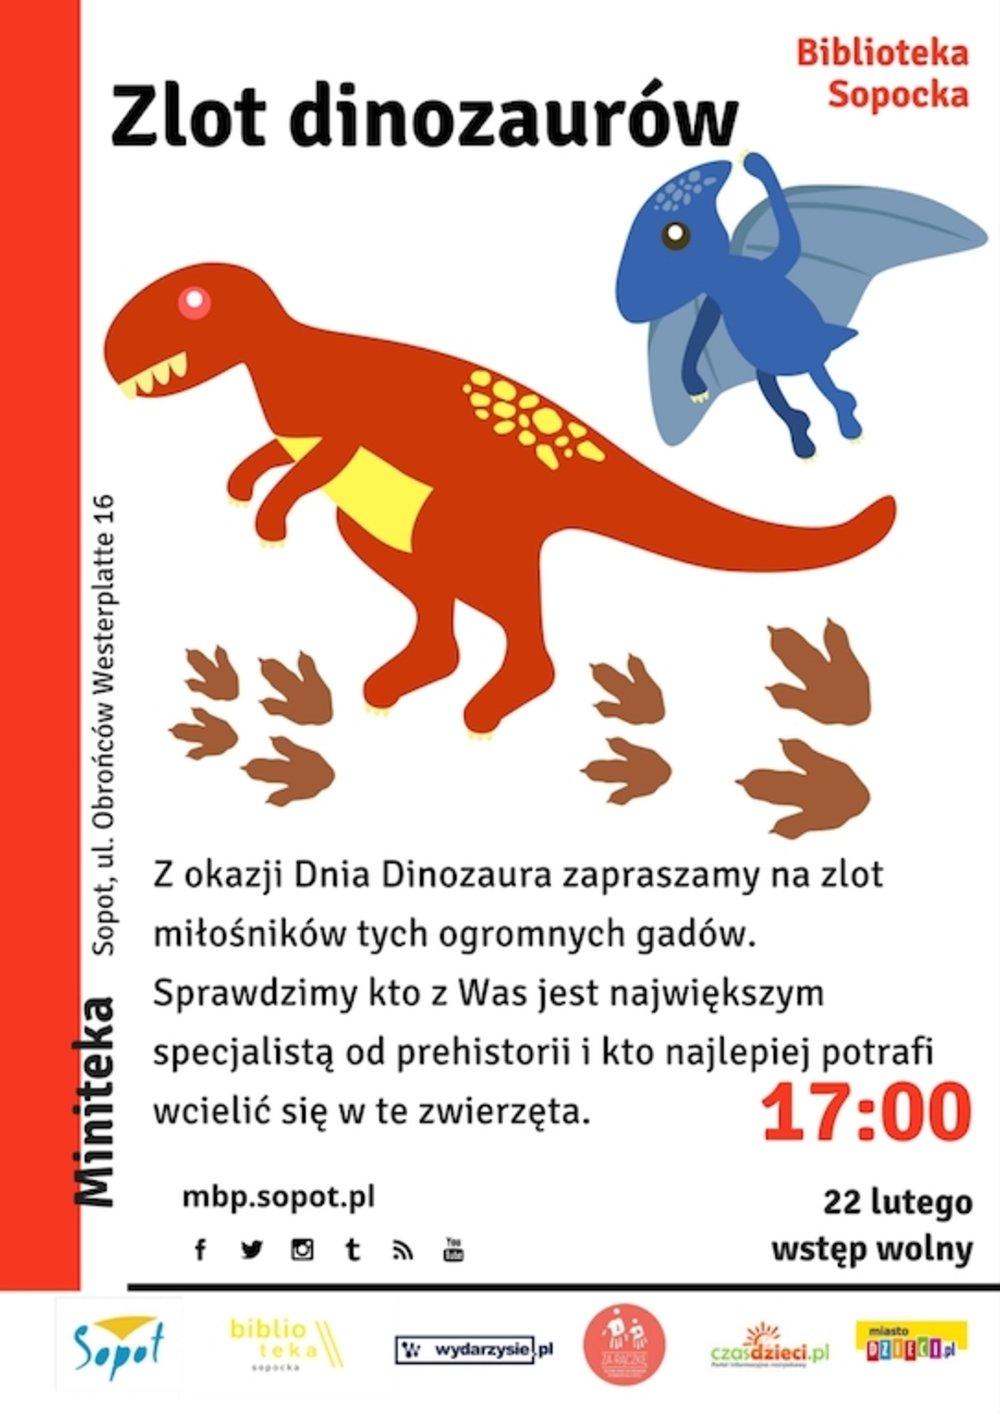 Zlot dinozaurów w Minitece